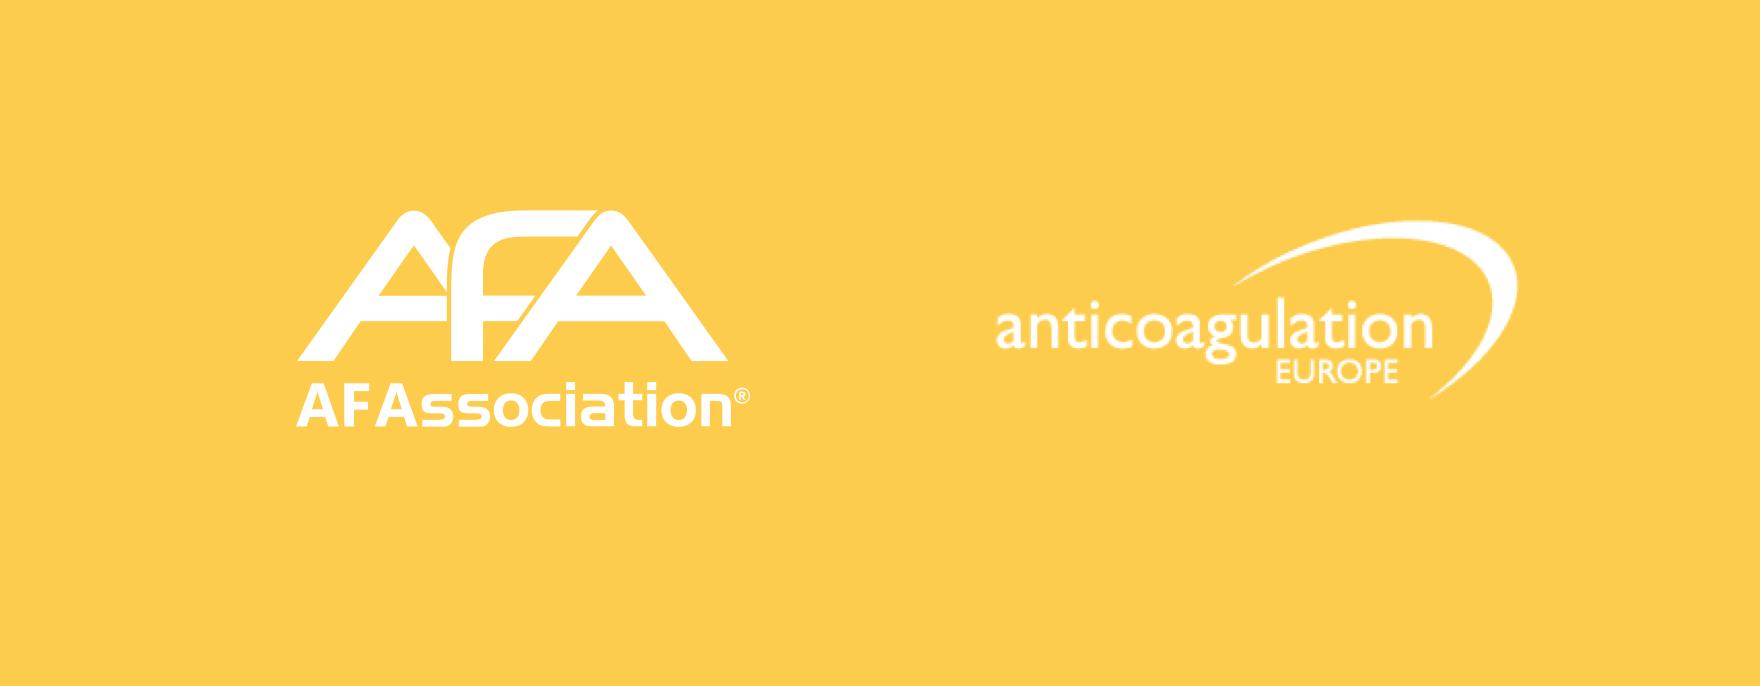 AFA-ACE.png